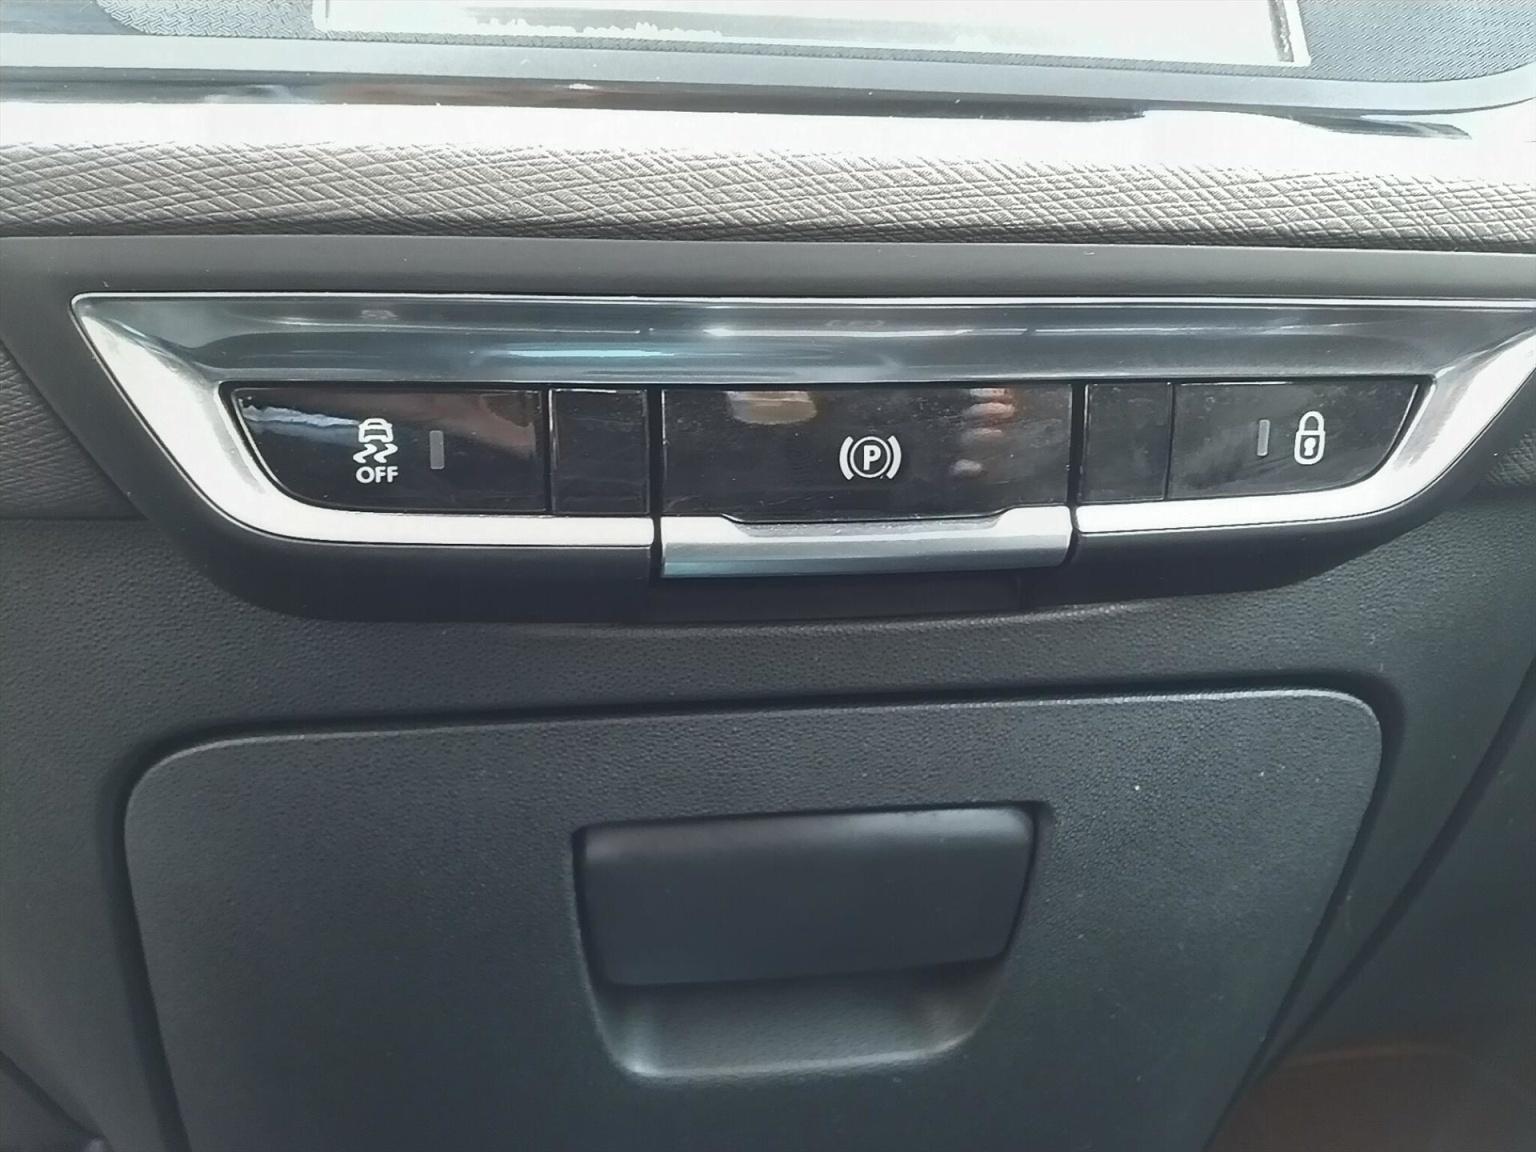 Citroën-Grand C4 Picasso-19